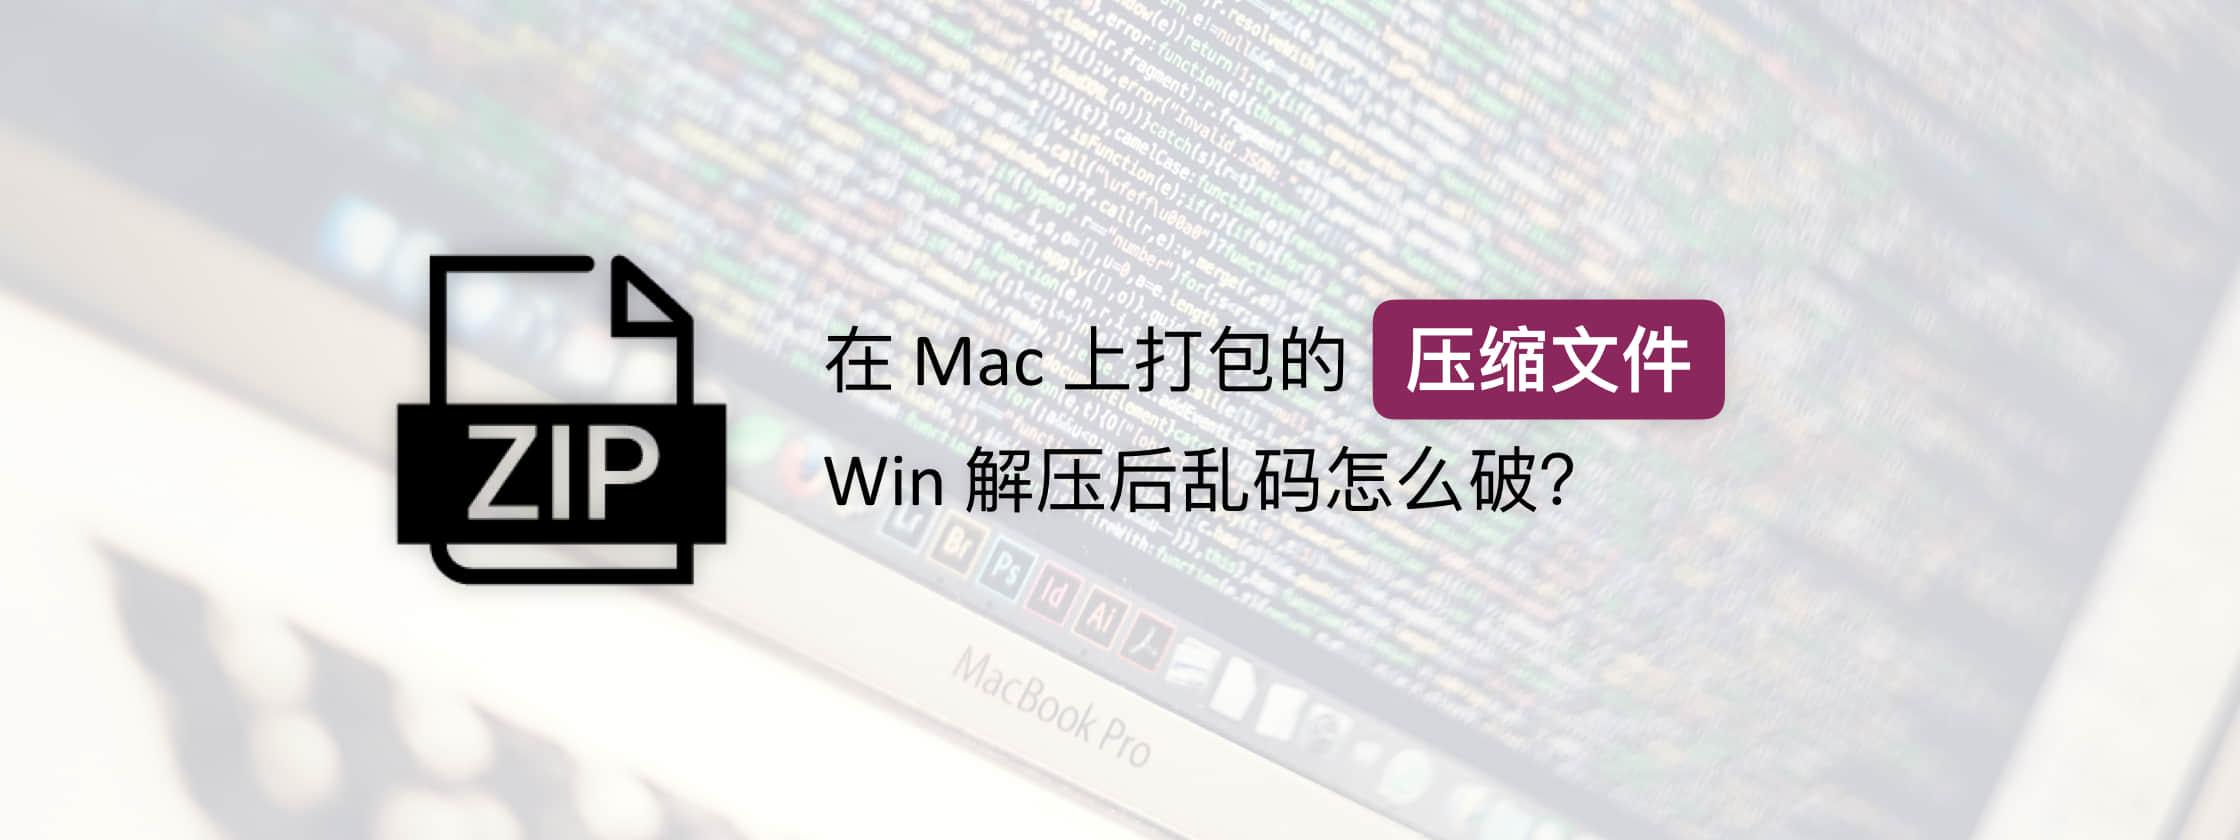 在 Mac 上打包的压缩文件,Win 解压后乱码怎么破?